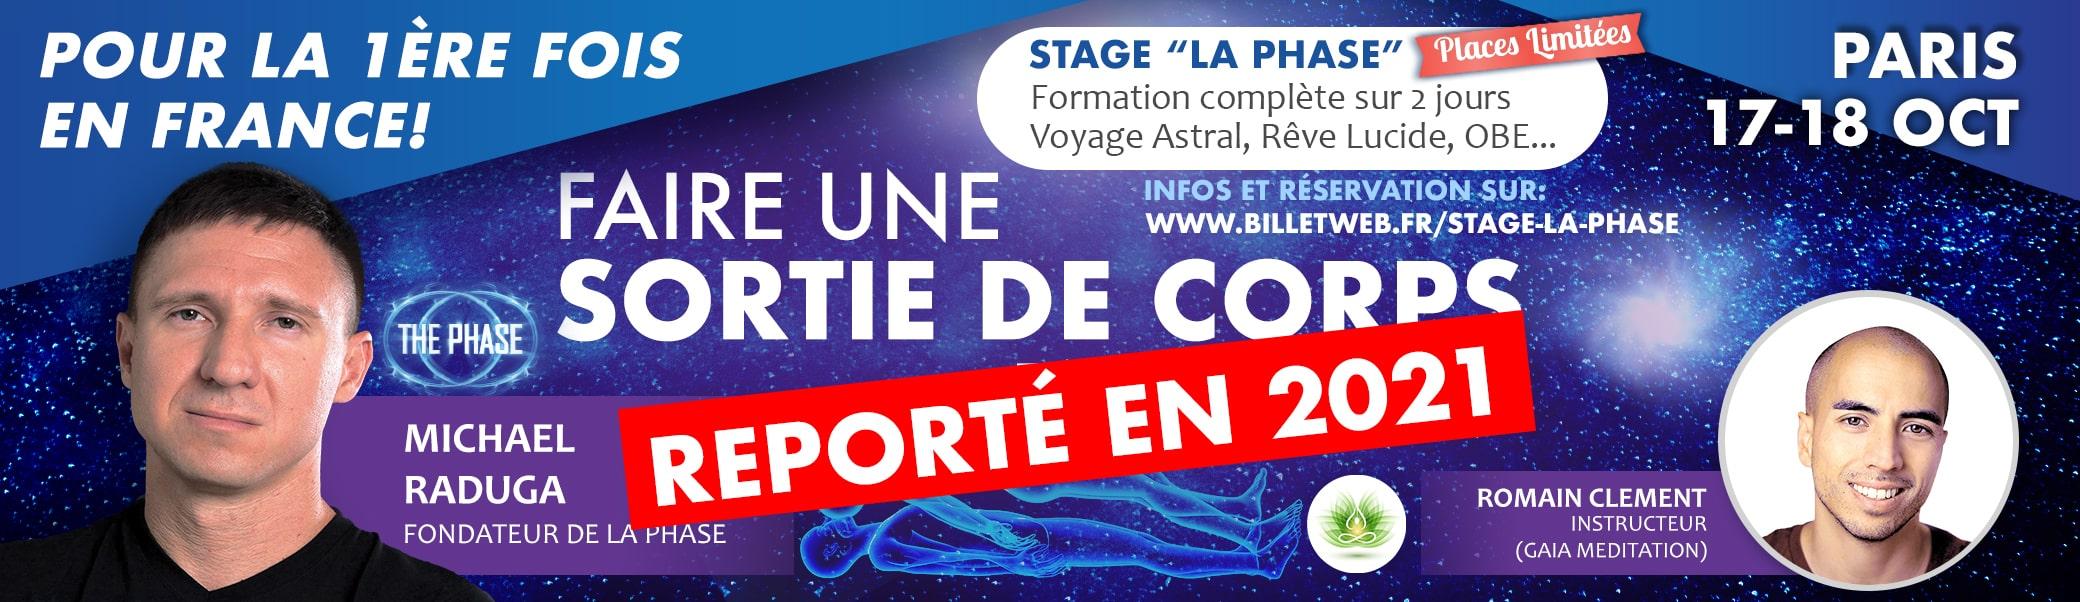 Stage La Phase - Faire une sortie de corps en 2 jours